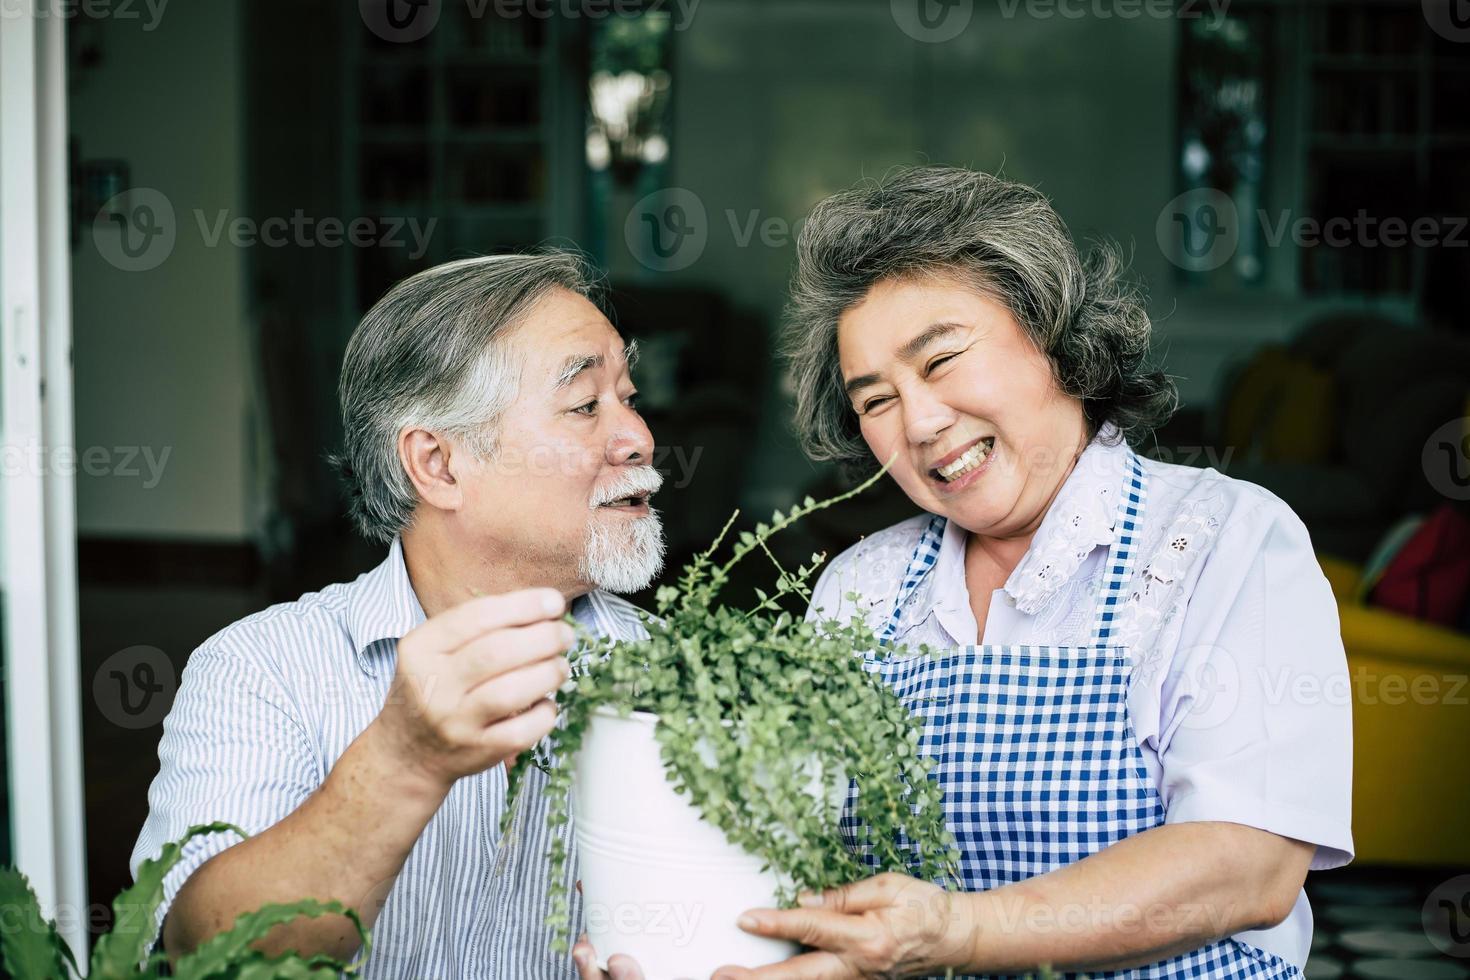 pareja de ancianos hablando juntos y plantando árboles en macetas foto